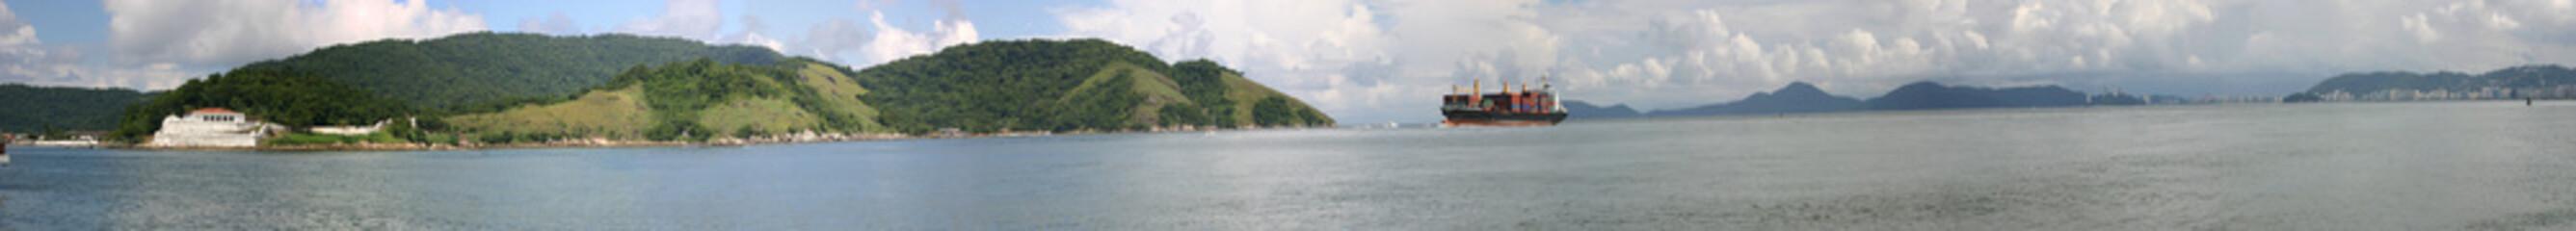 Santos panorama view